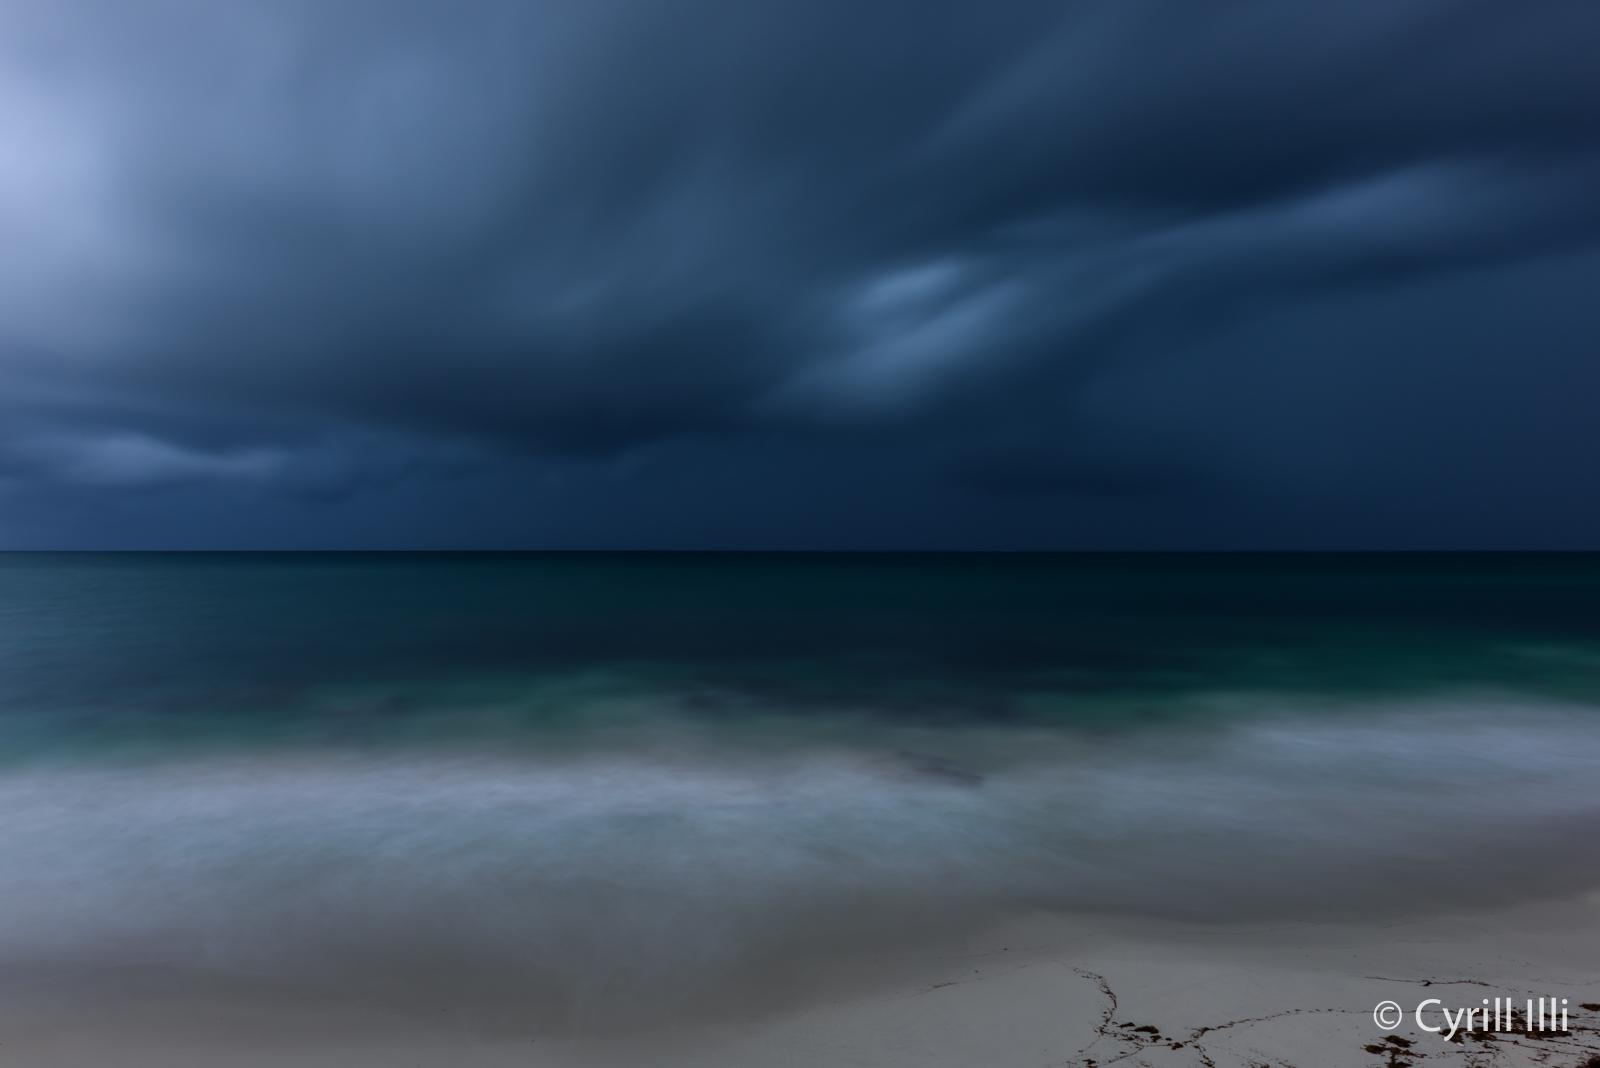 Thunderstorm over Jindalee